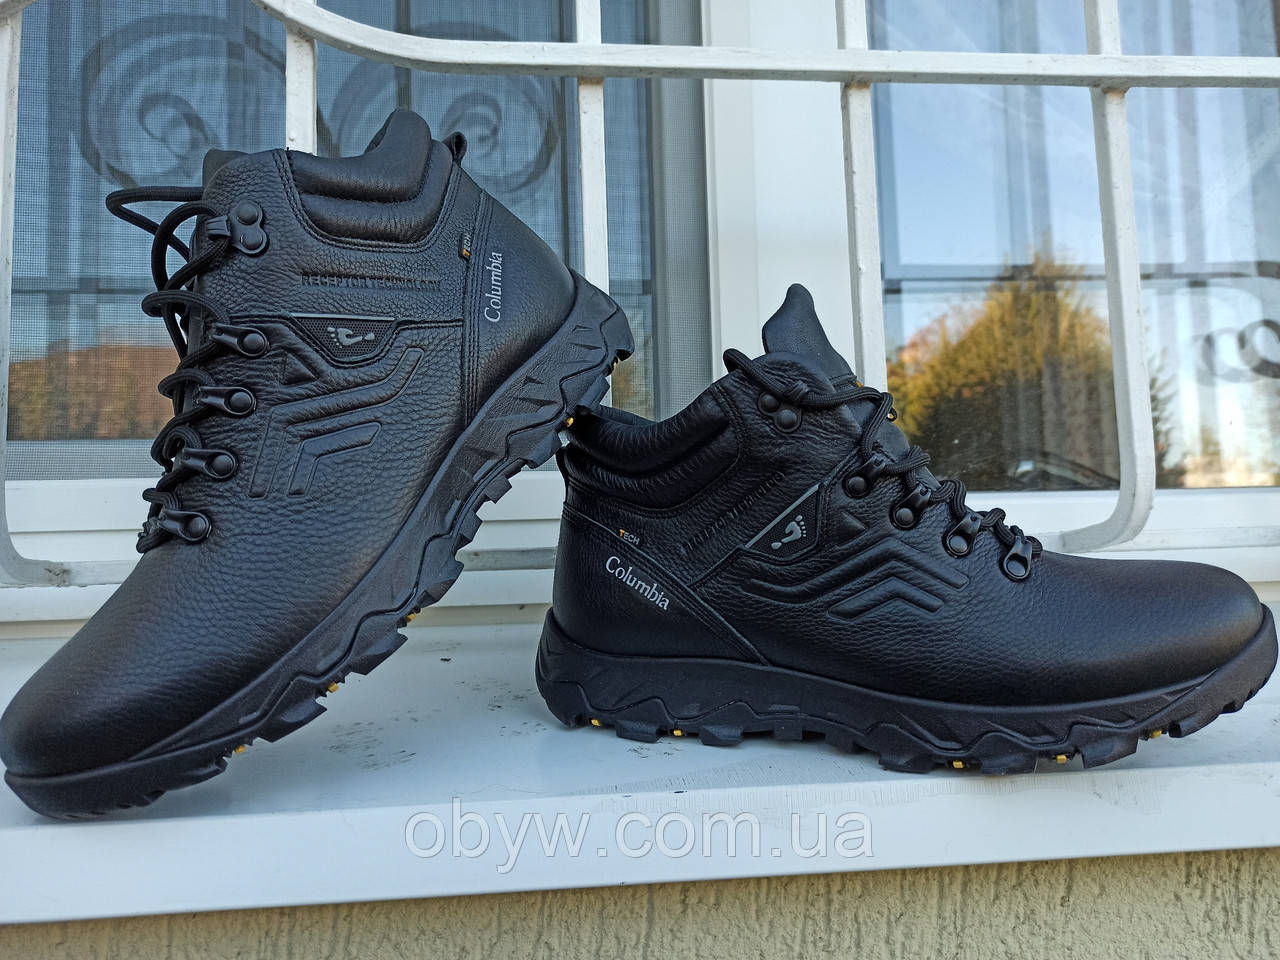 Зимние термо ботинки columbia ter-443